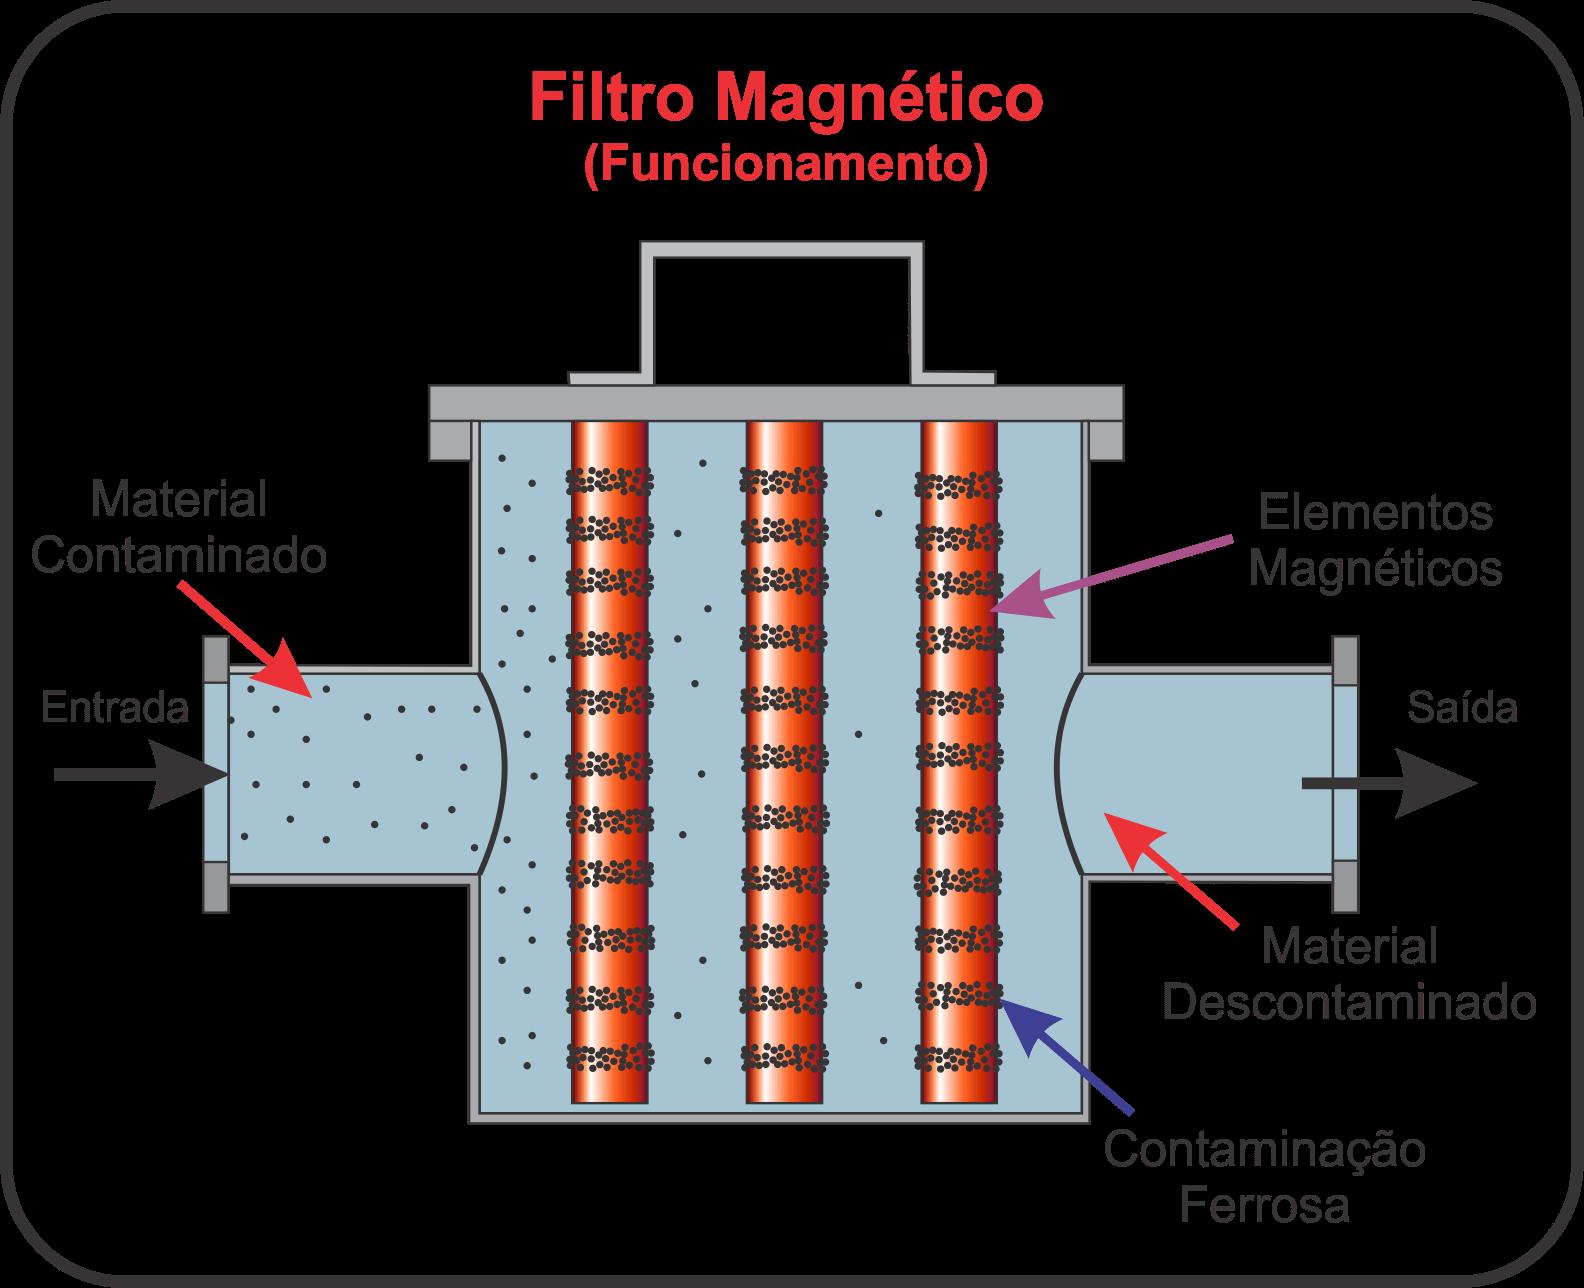 Diagrama de Funcionamento do Filtro Magnético ou armadilha Magnética